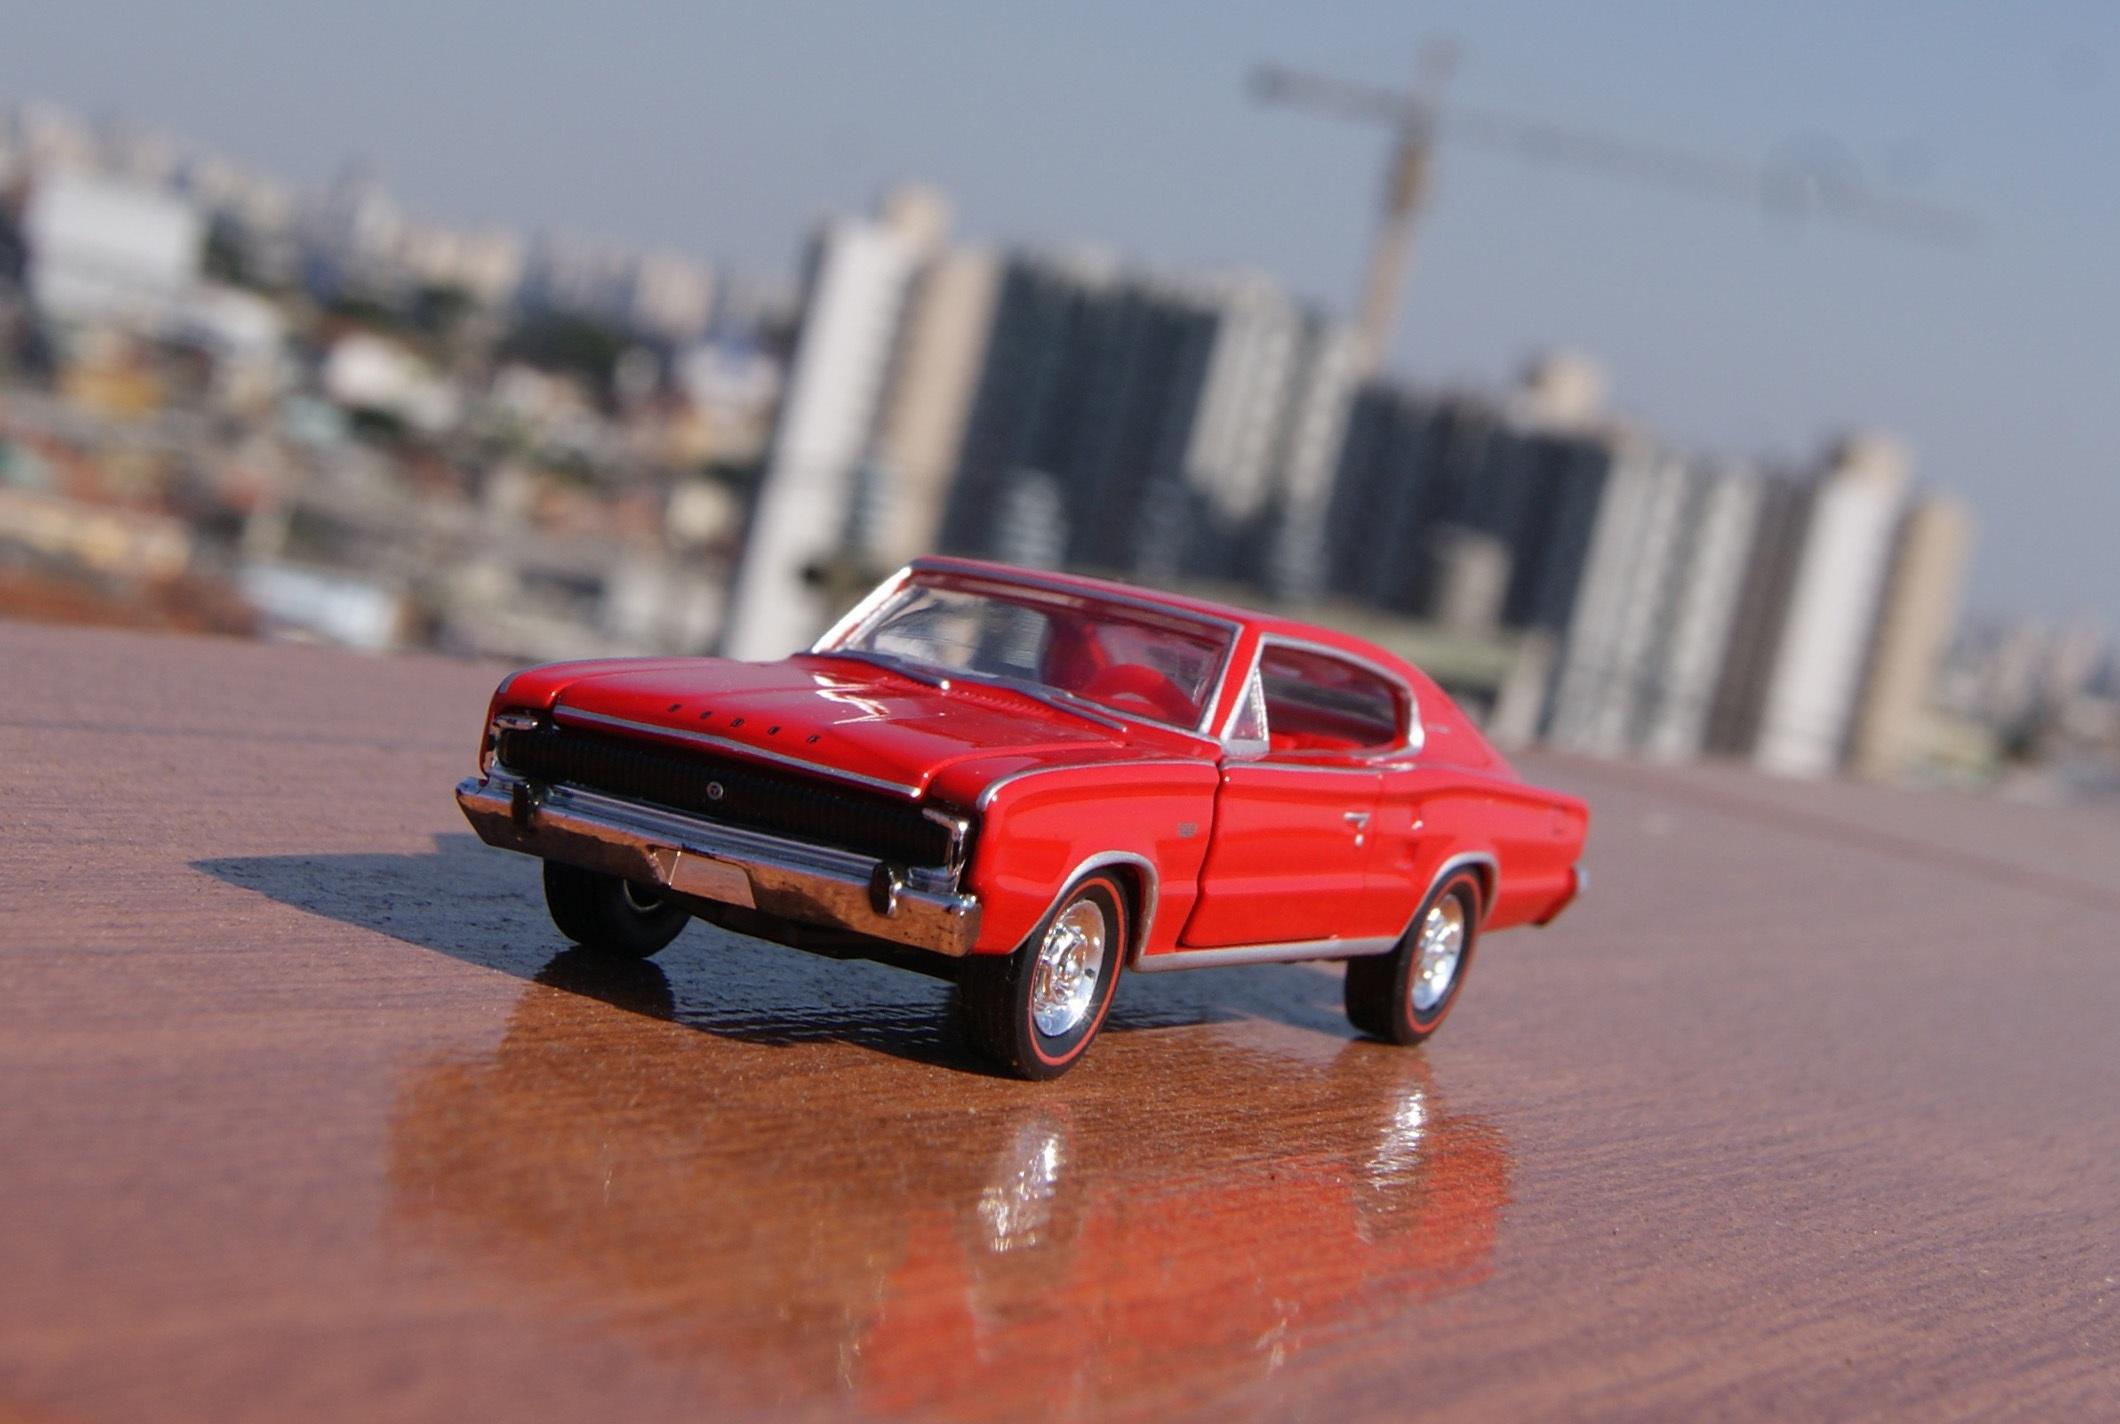 images gratuites collection chelle jouet v hicule moteur voiture ancienne miniature. Black Bedroom Furniture Sets. Home Design Ideas